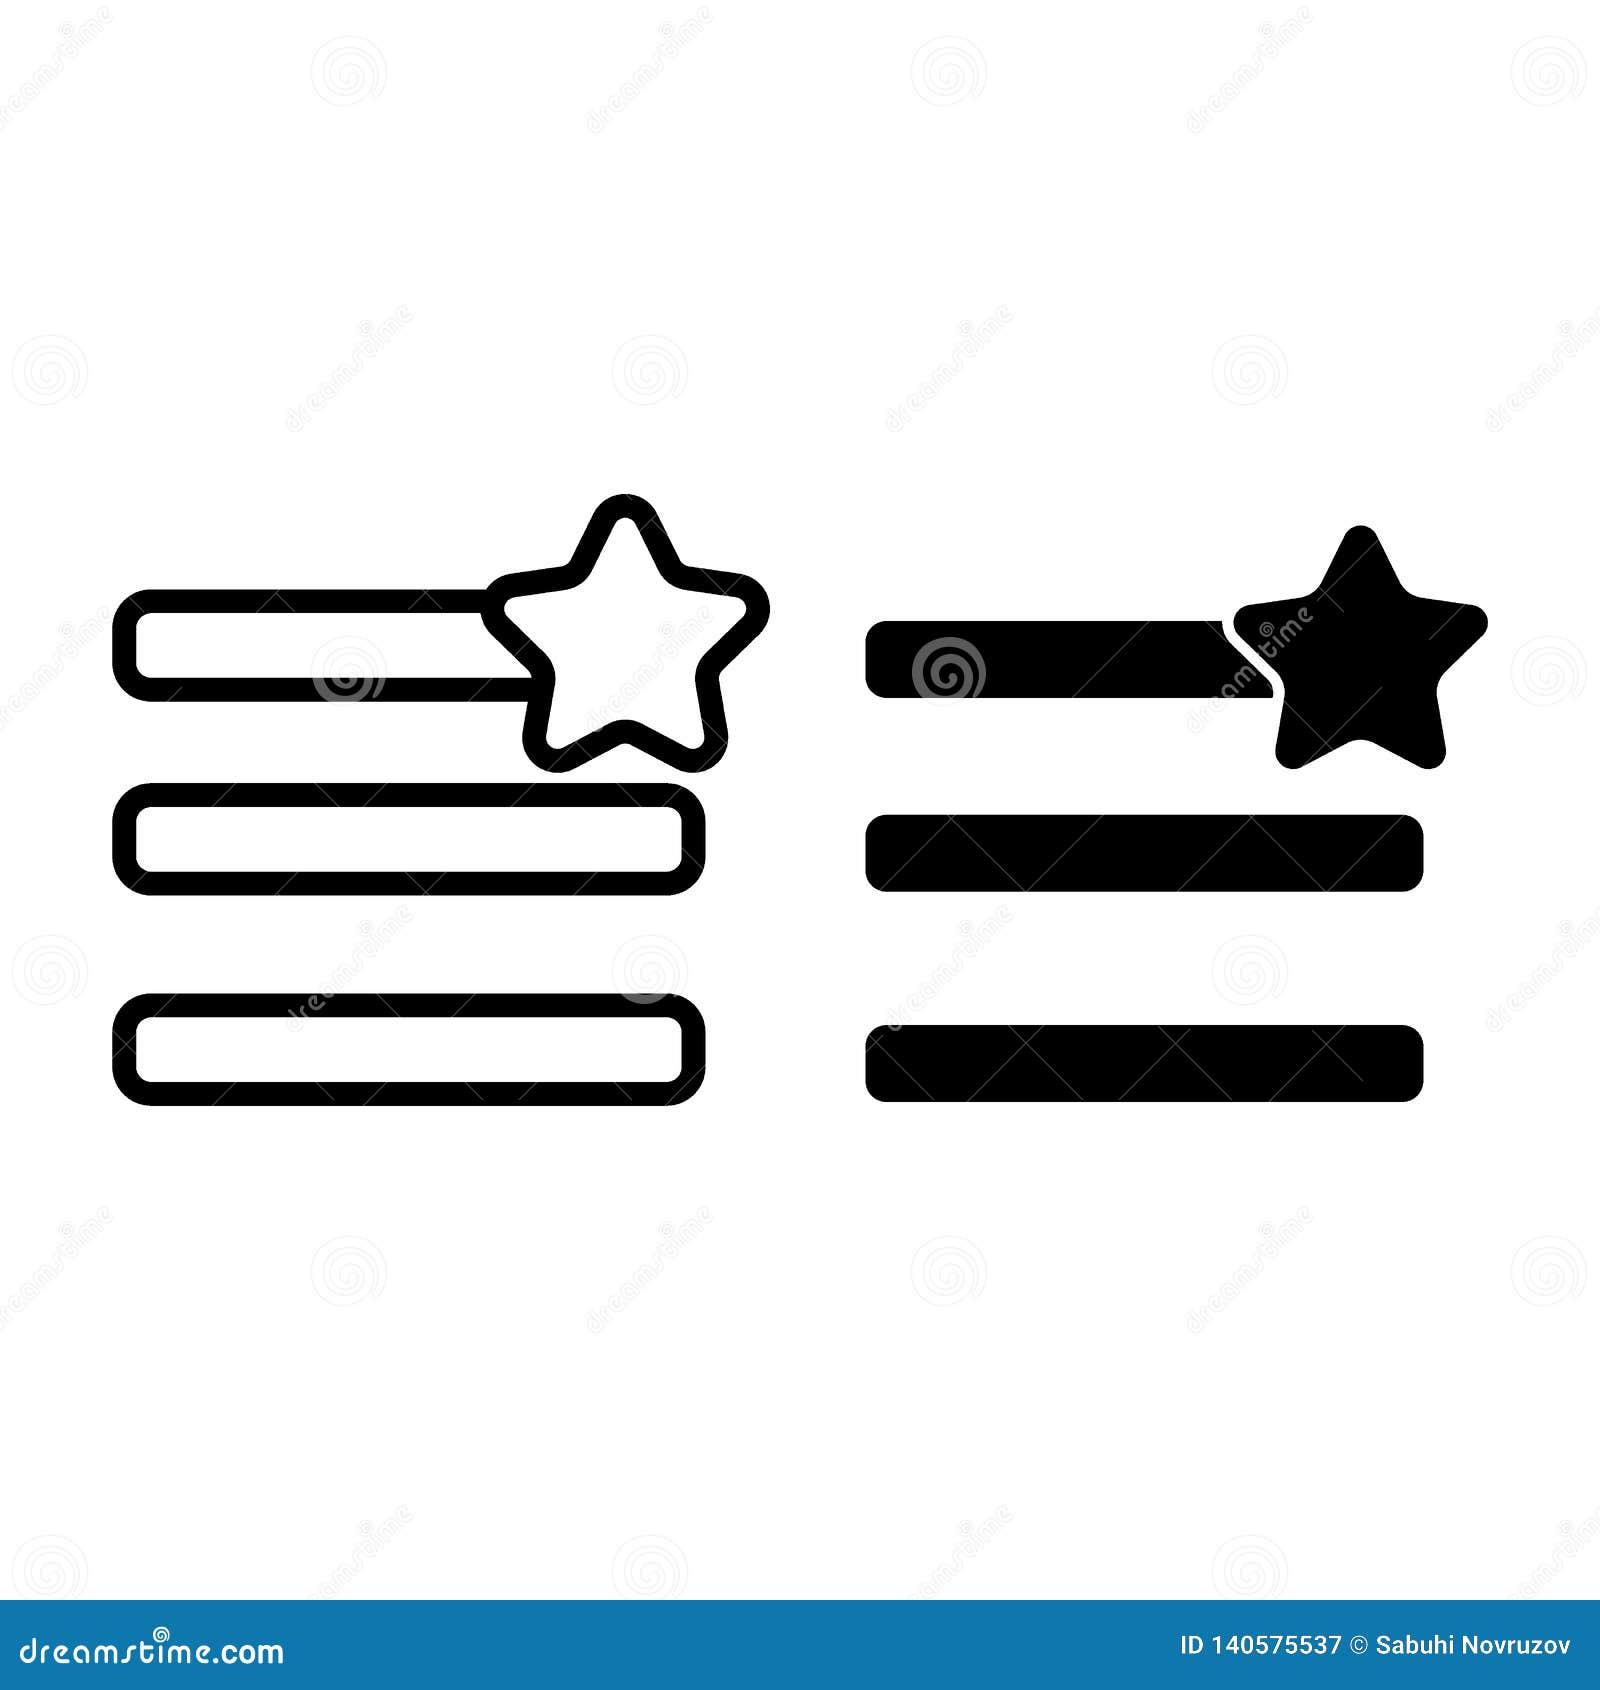 Humburger-Menülieblinge zeichnen und Glyphikone Menüzeichen mit einer Sternvektorillustration lokalisiert auf Weiß nearsighted